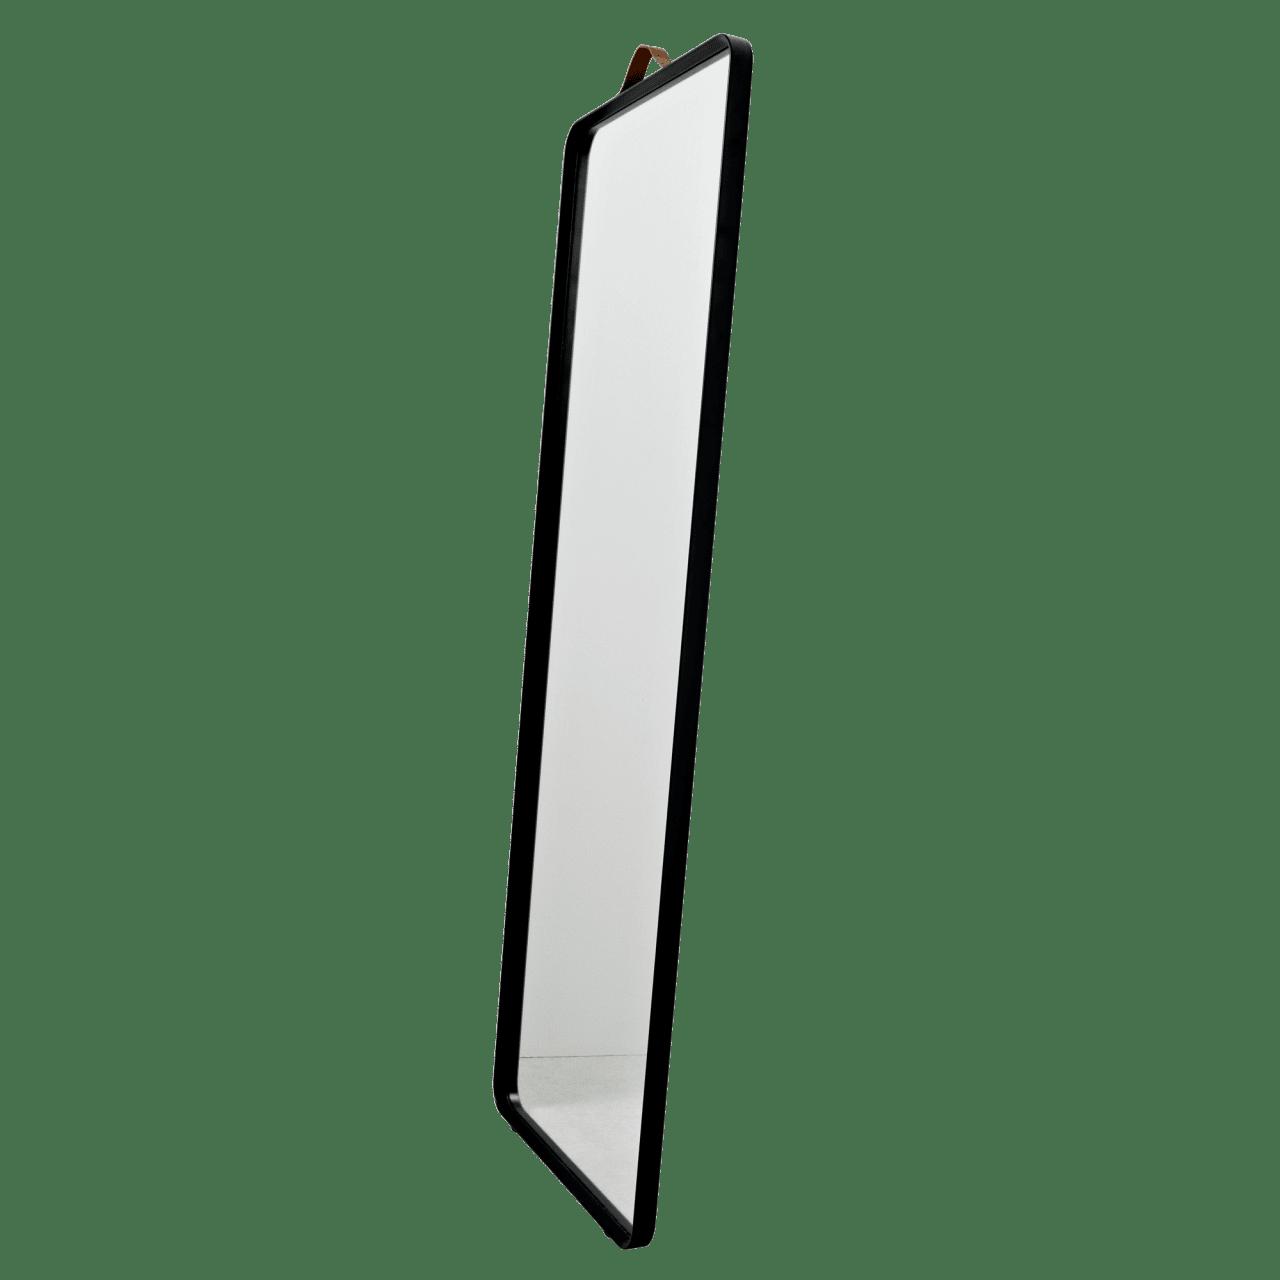 Norm Floor Spiegel